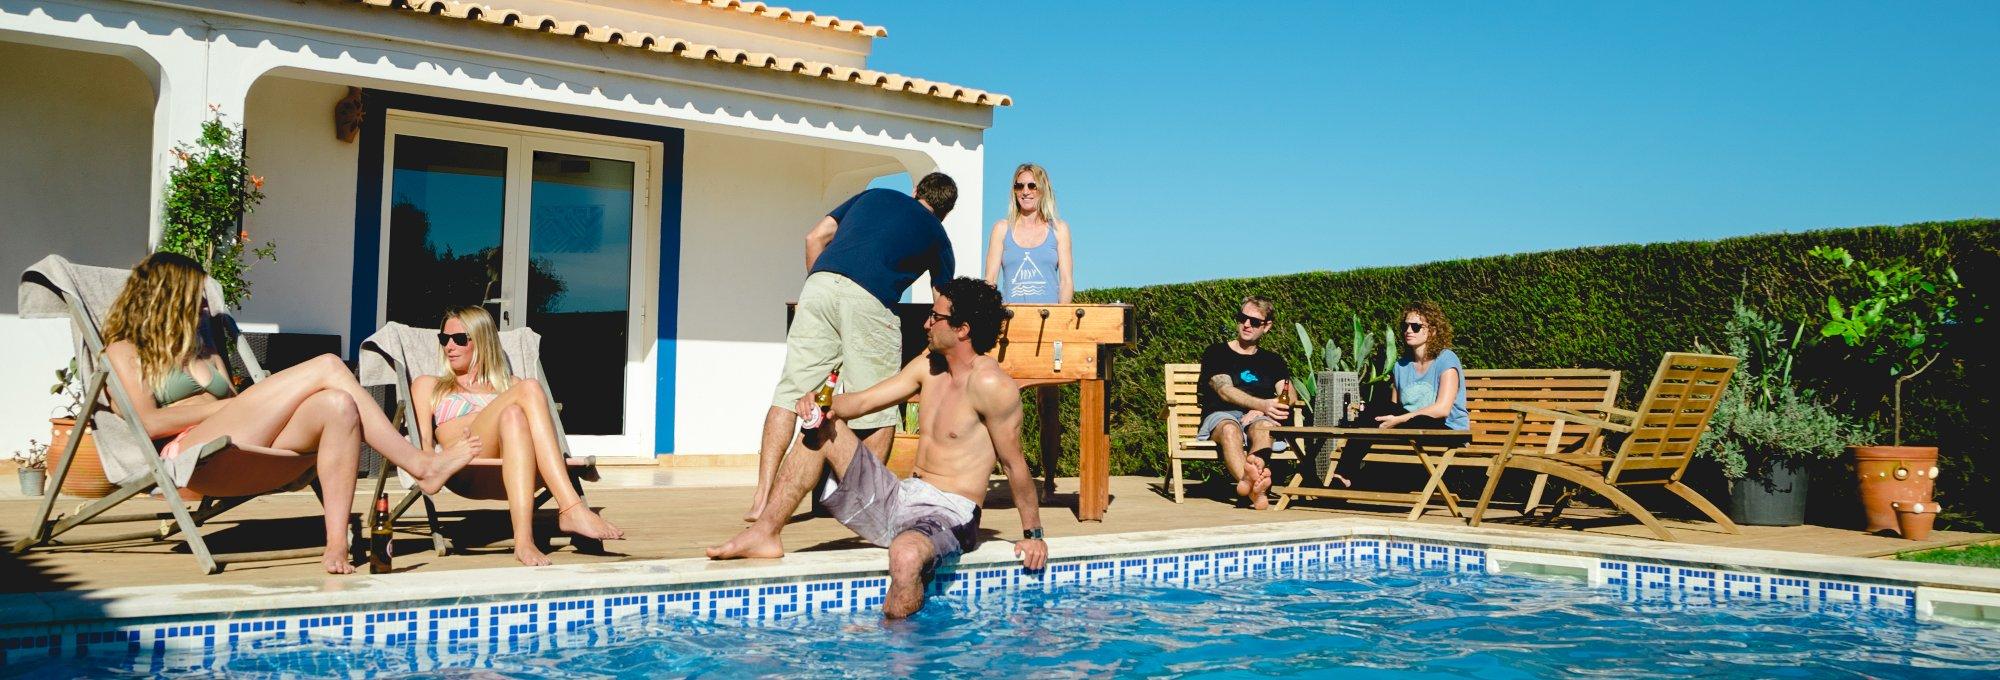 Hier wohnt und feiert ihr: Im Surfcamp Algarve, das nur ein paar wenige Minuten vom Meer entfernt liegt.